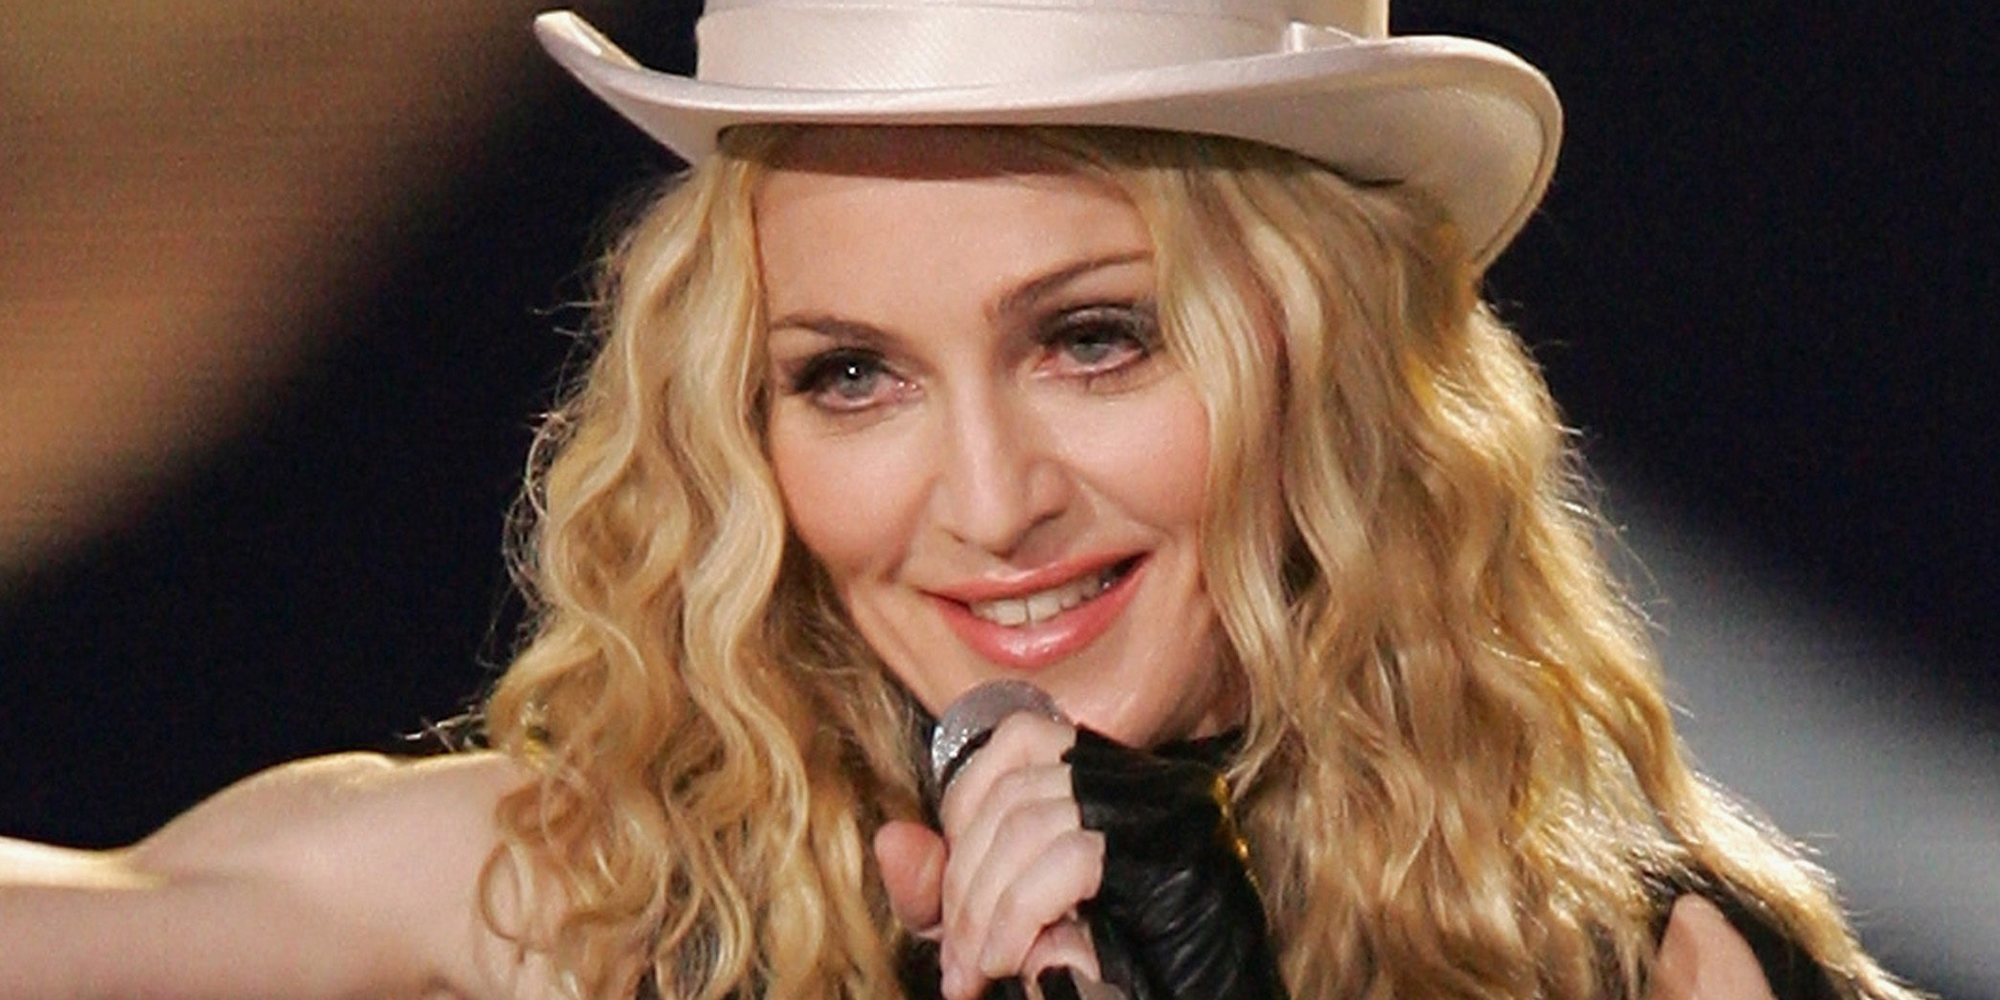 La reina del Pop: todo lo que necesitas saber sobre Madonna en 60 curiosidades